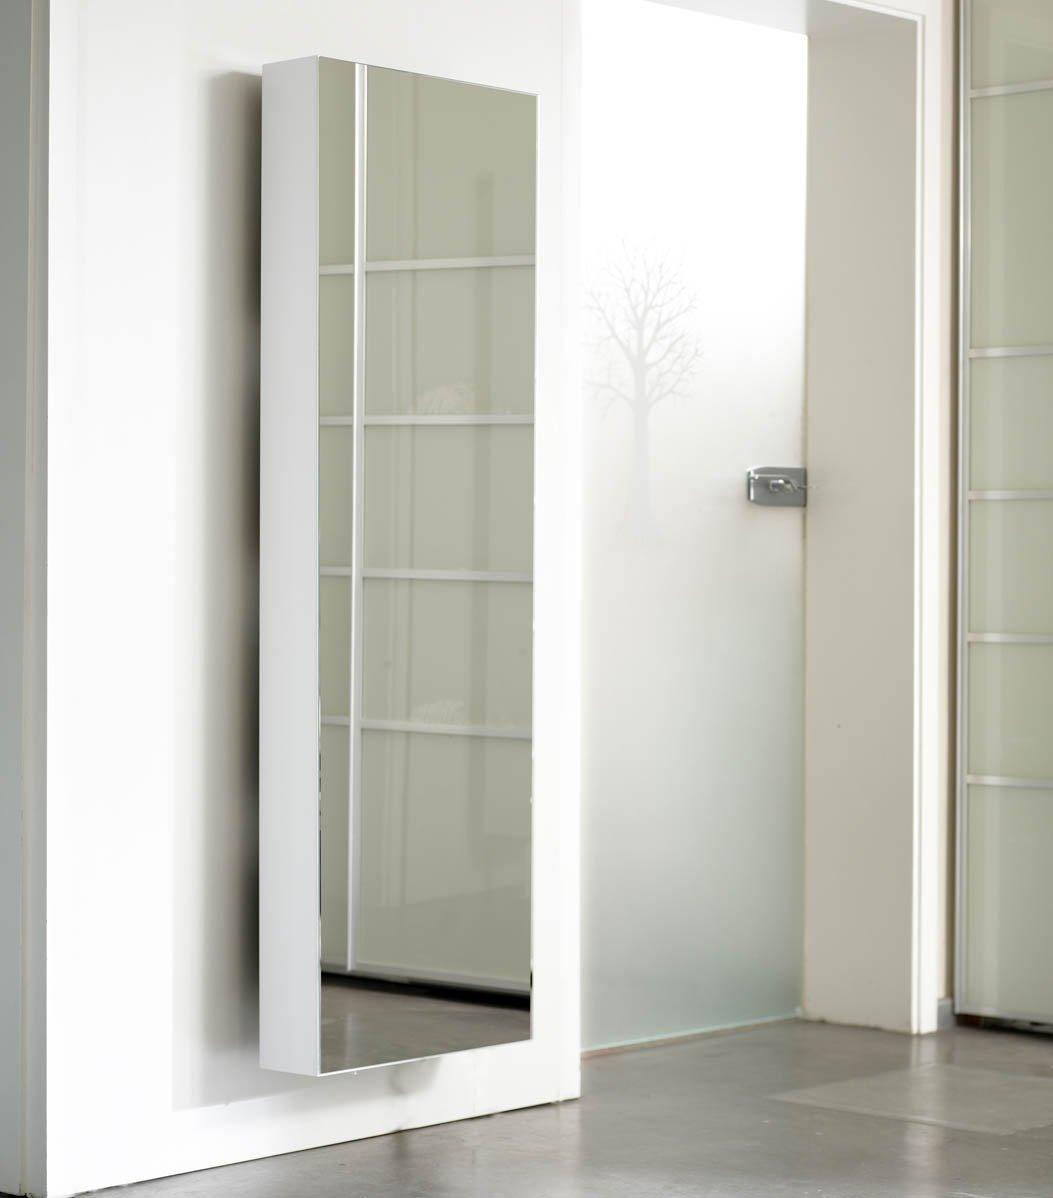 Schuhschrank SCHUH-BERT 500 Mirror drehbarer Spiegelschuhschrank ...